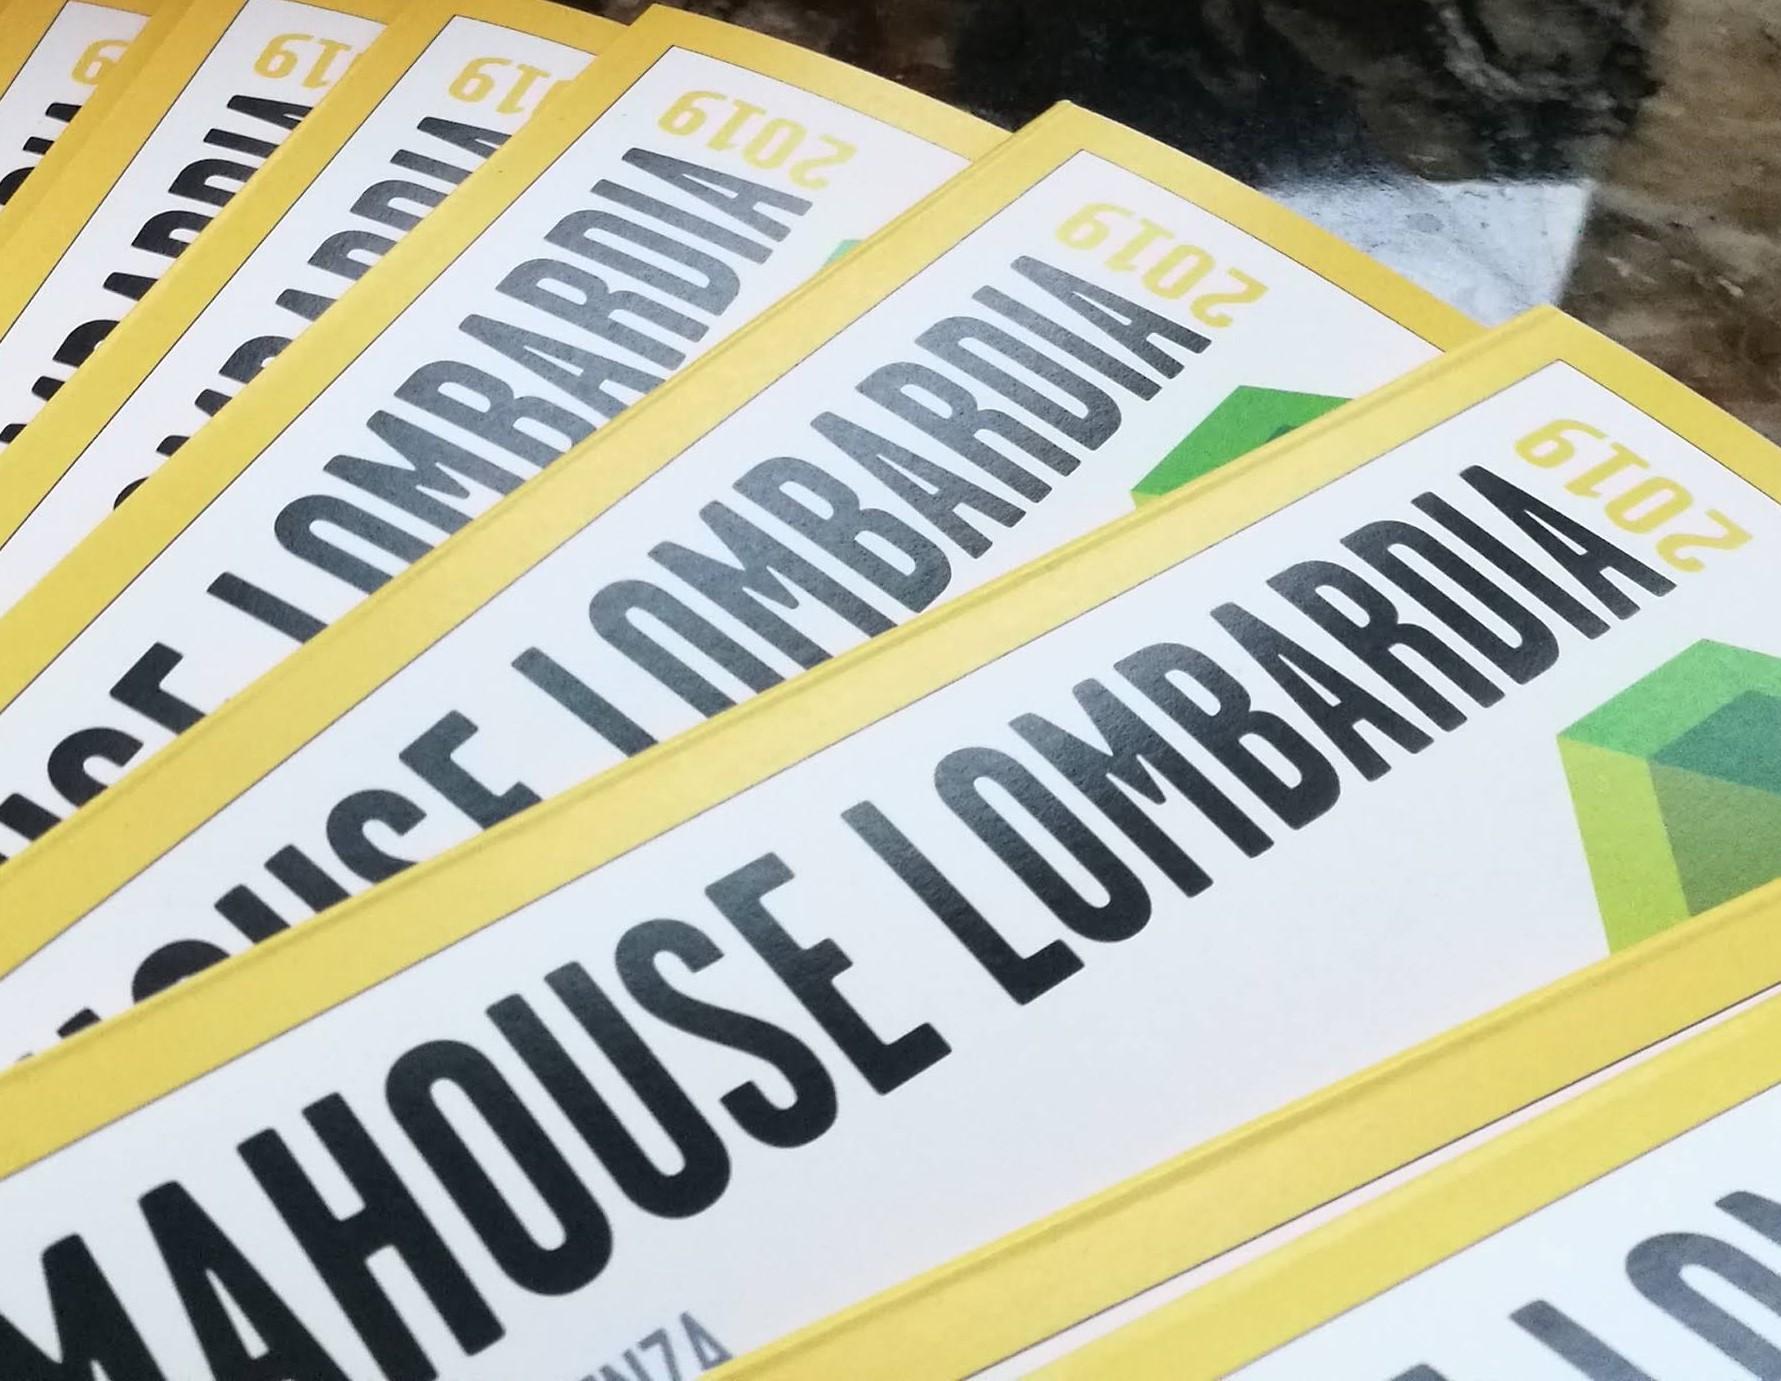 climahouse-lombardia.jpg